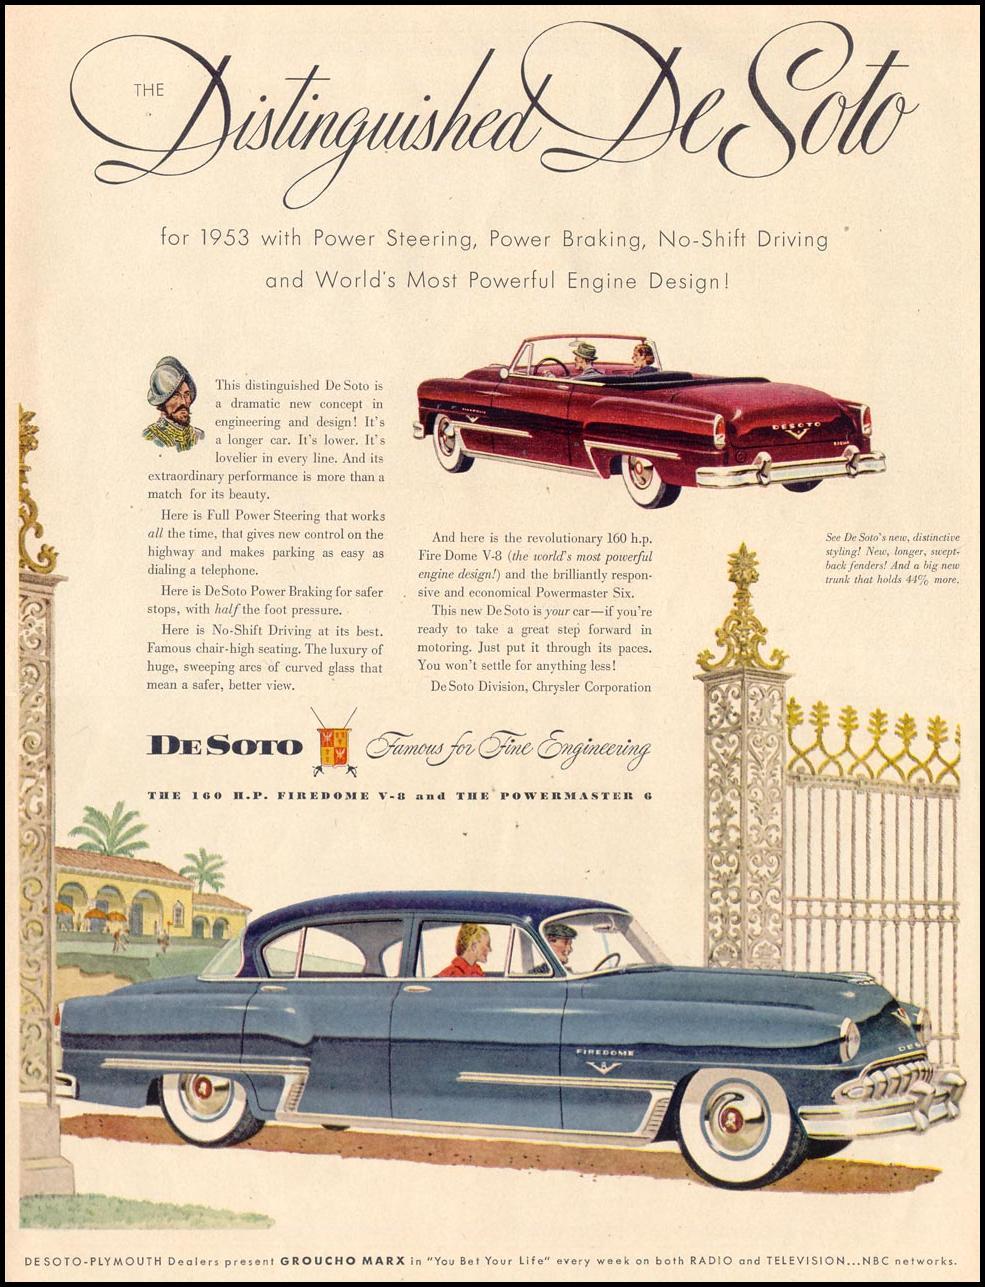 DE SOTO AUTOMOBILES LIFE 02/02/1953 p. 5